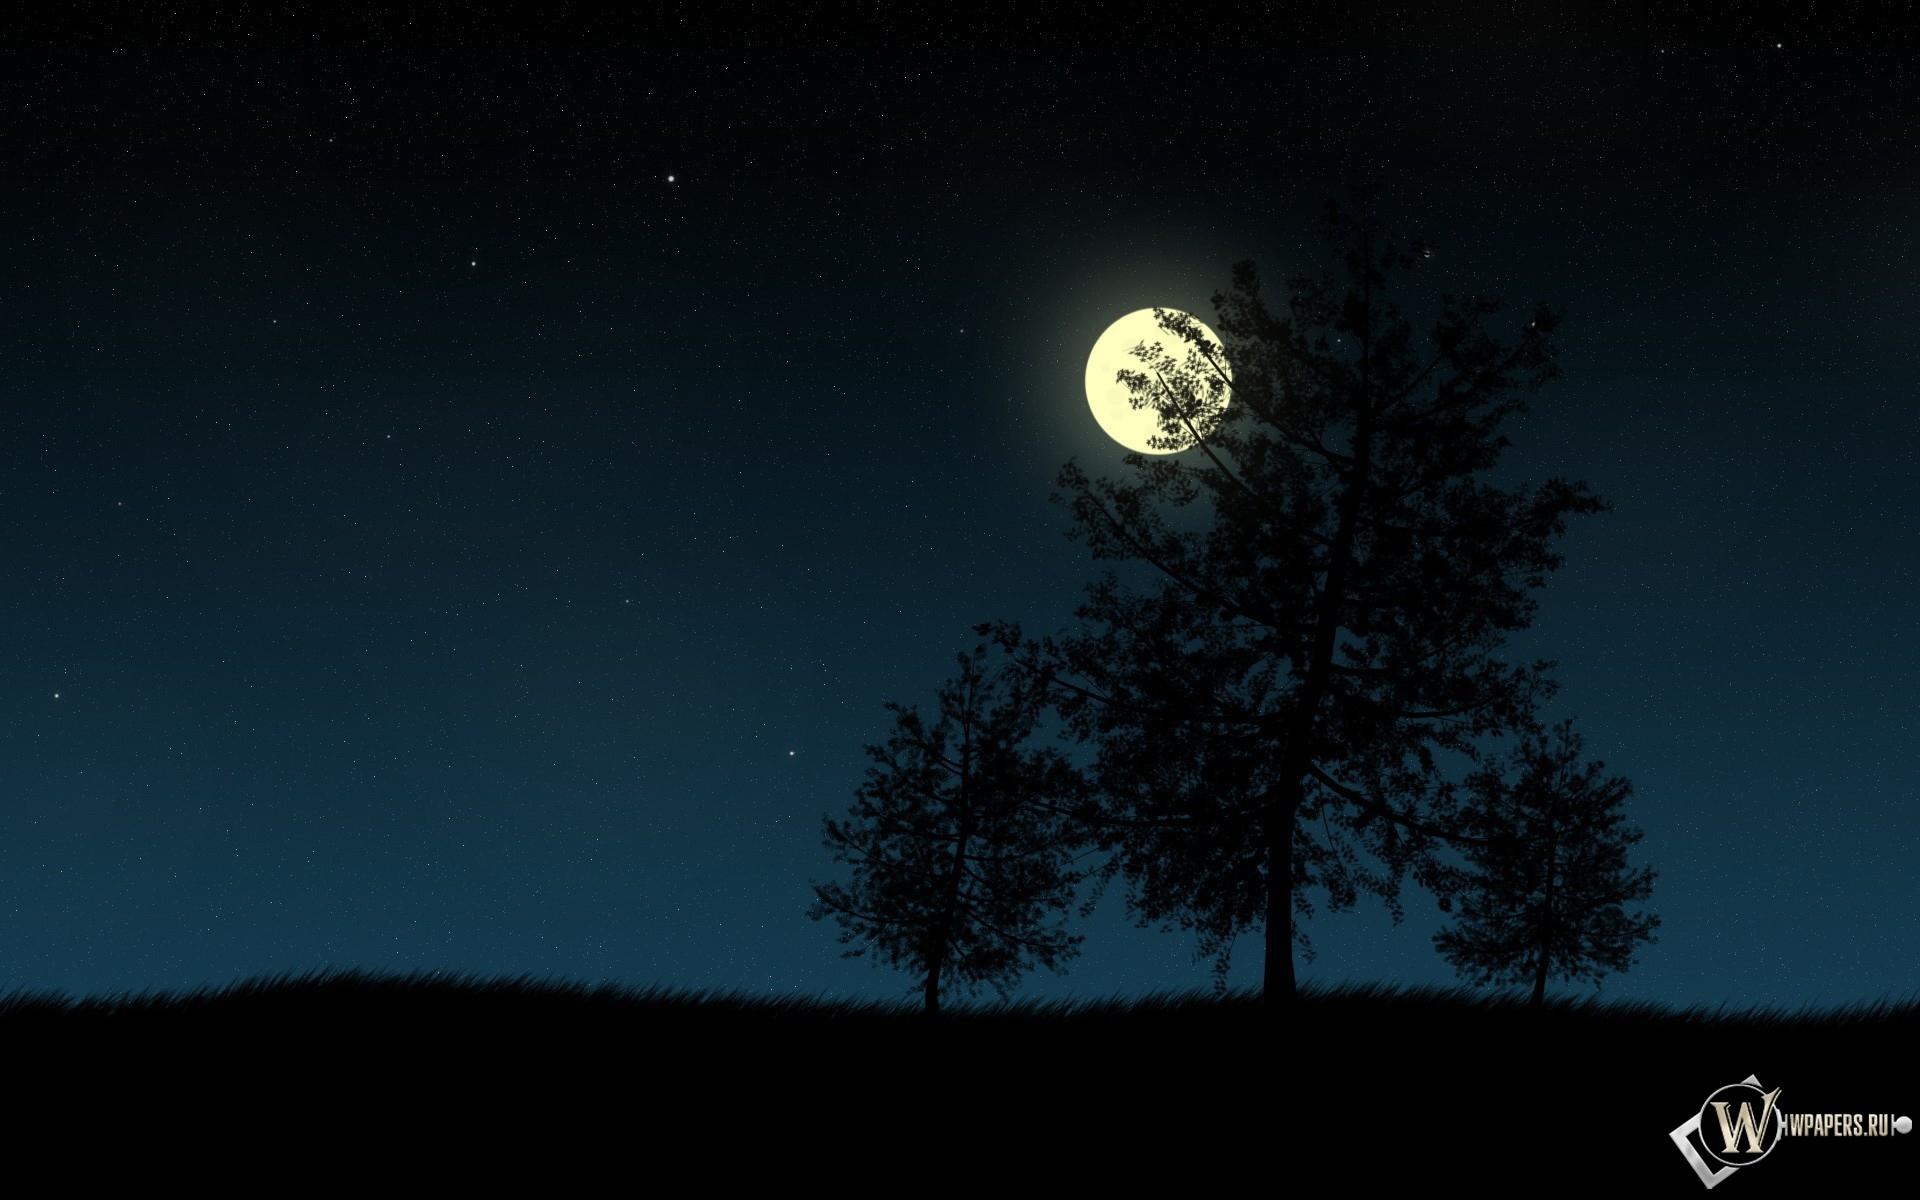 Деревья в ночи 1920x1200